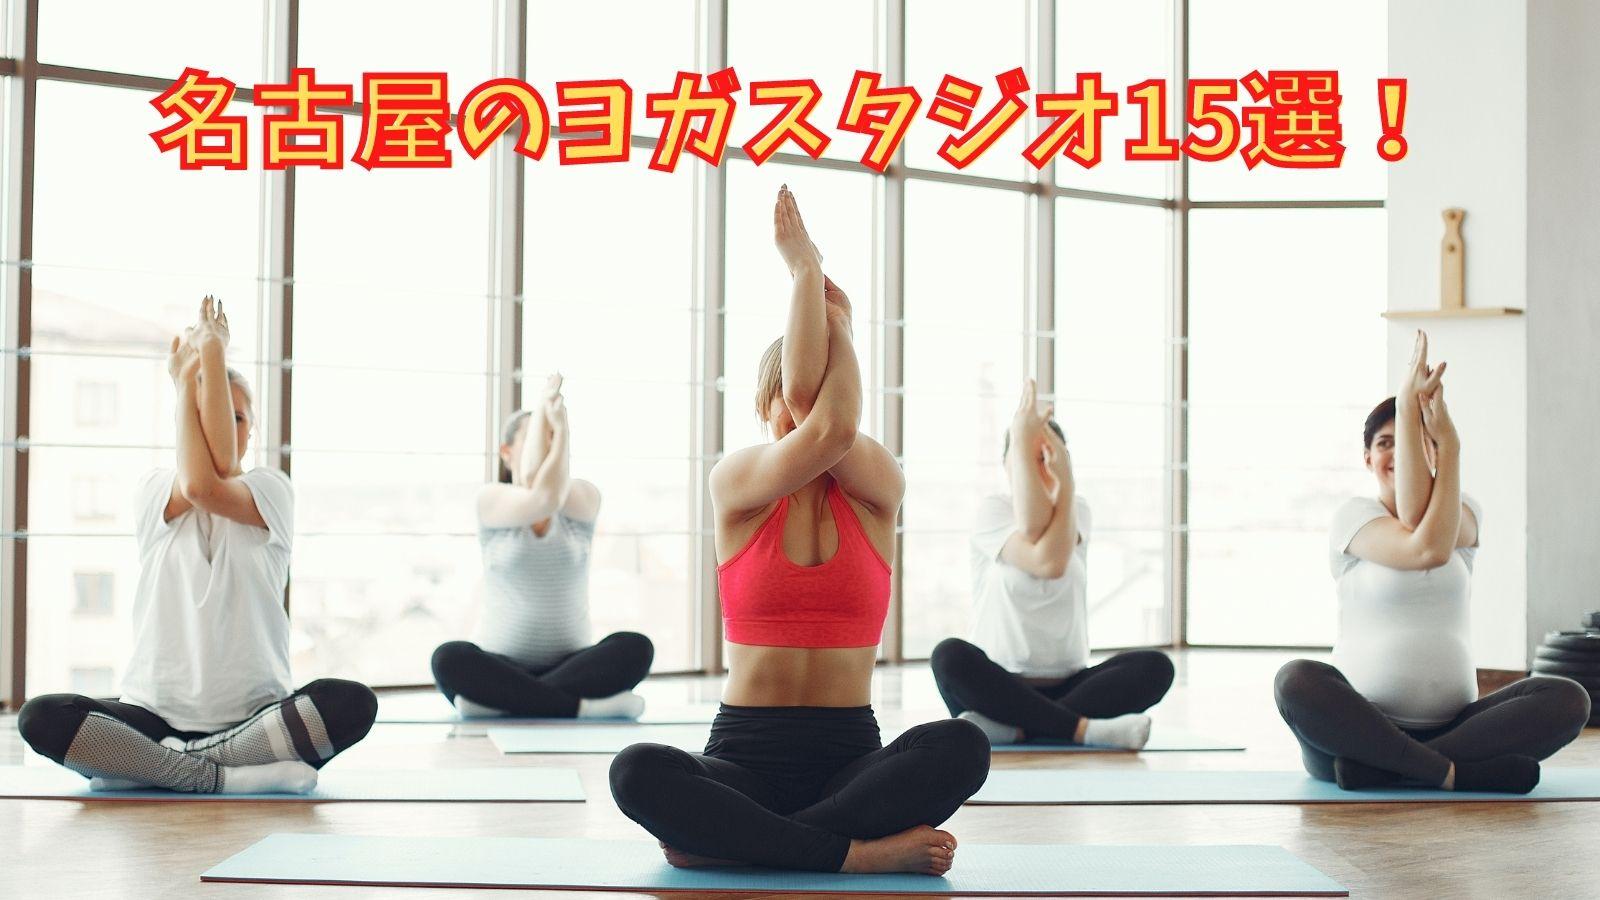 【ヨガスタジオ名古屋】おすすめ15選!ホットヨガと常温ヨガ両方!